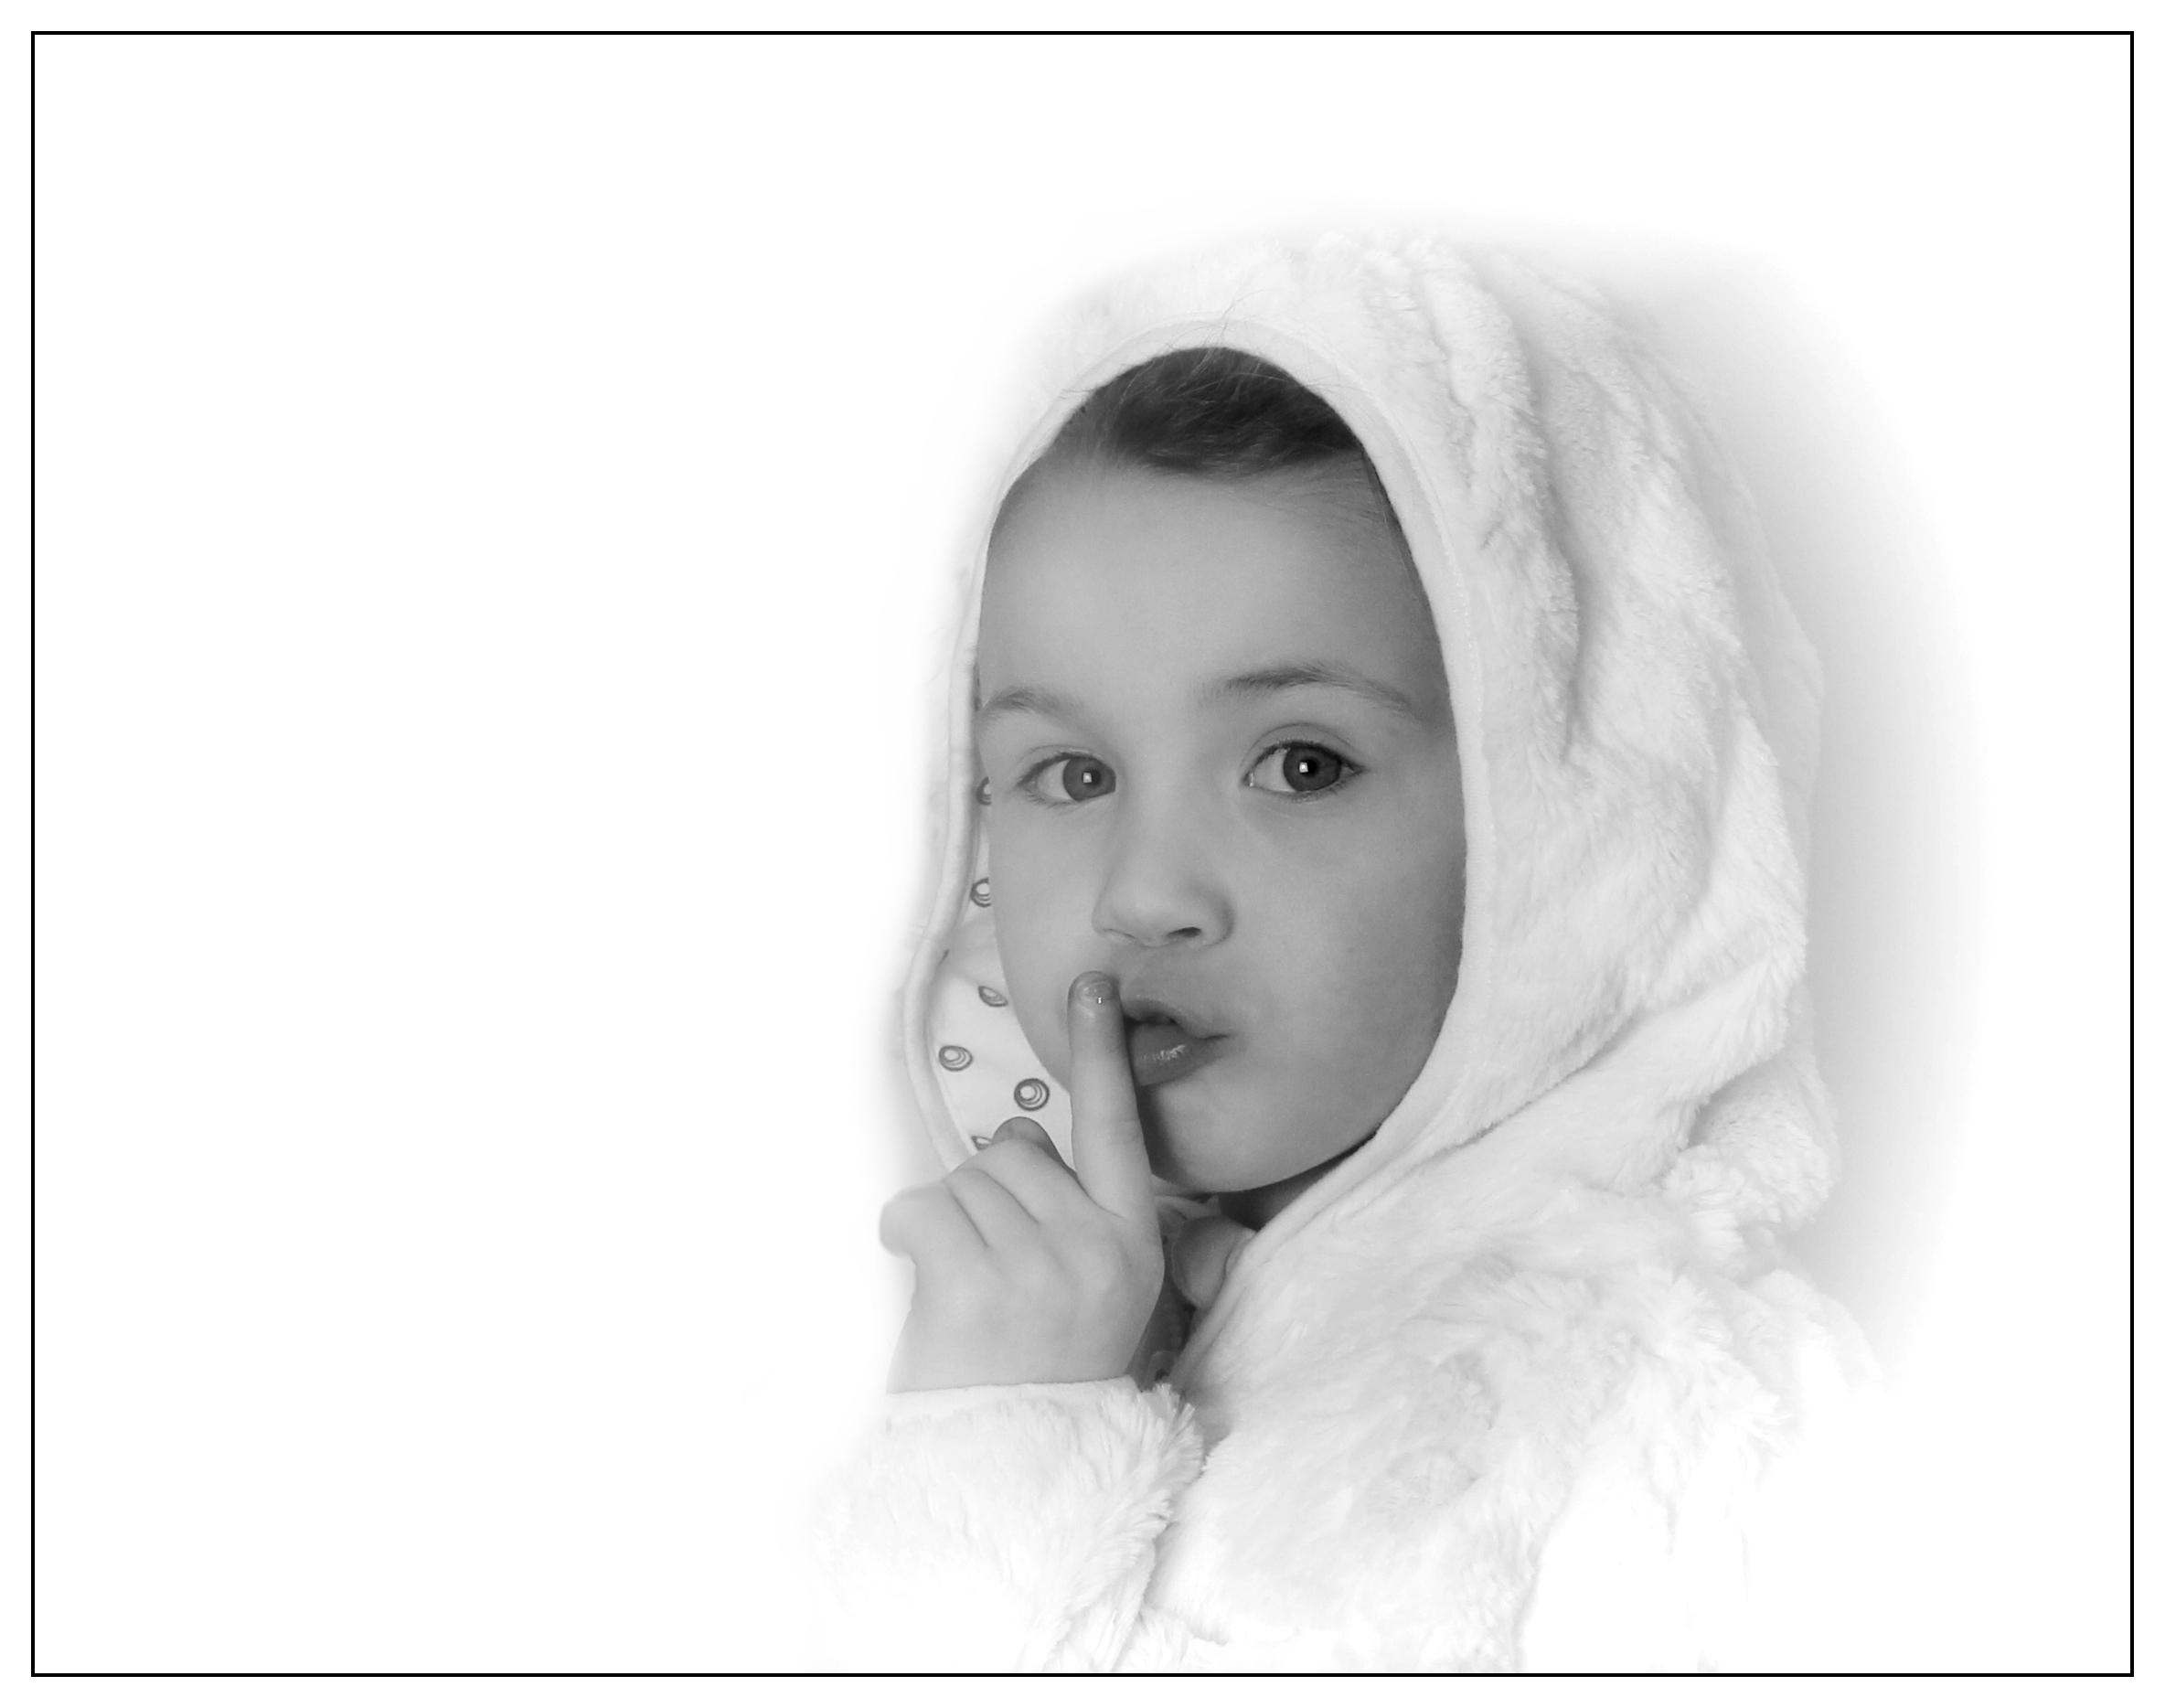 """Concours photo du mois de mars 2015 - Thème """"Le Blanc"""" - Page 3 397668HighKey"""